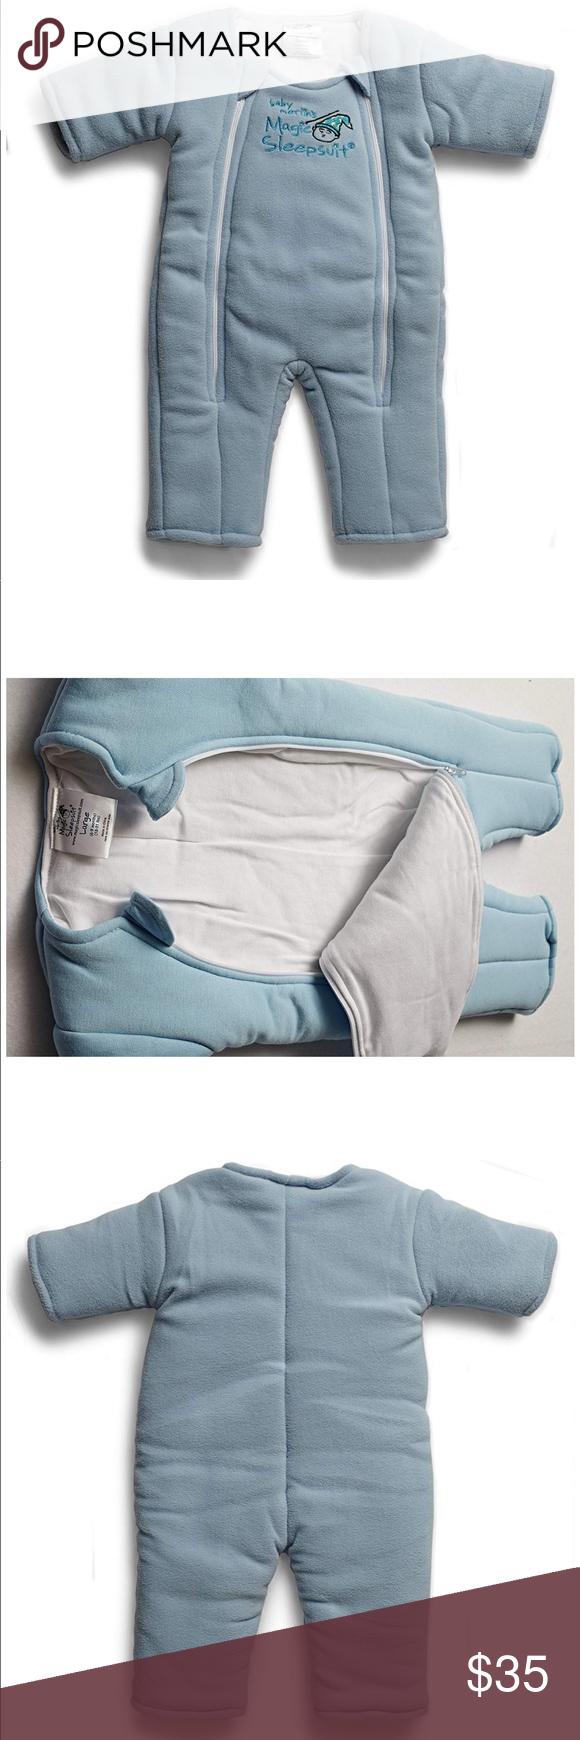 Magic Merlin Sleep Suit in 2020 | Merlin sleep suit ...